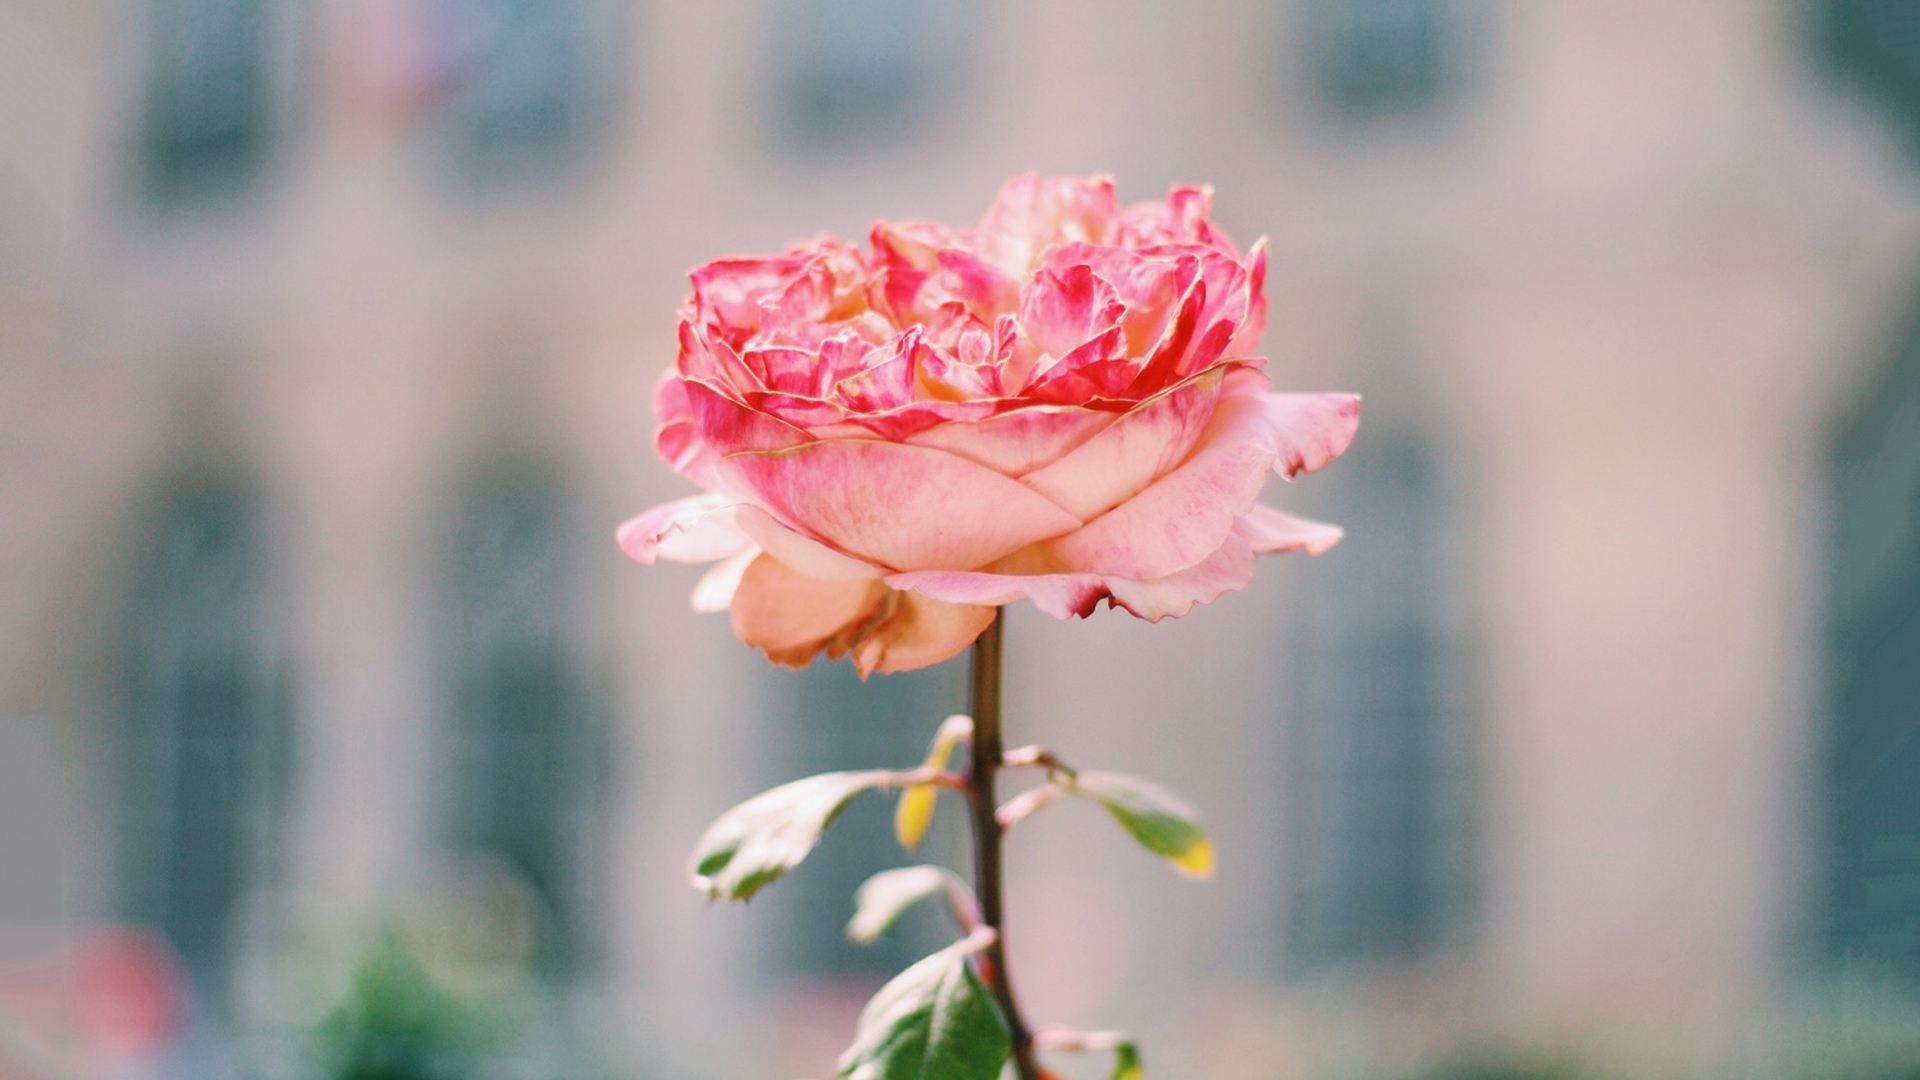 享受生活的情感语录说说心情:生活就是平凡且美好